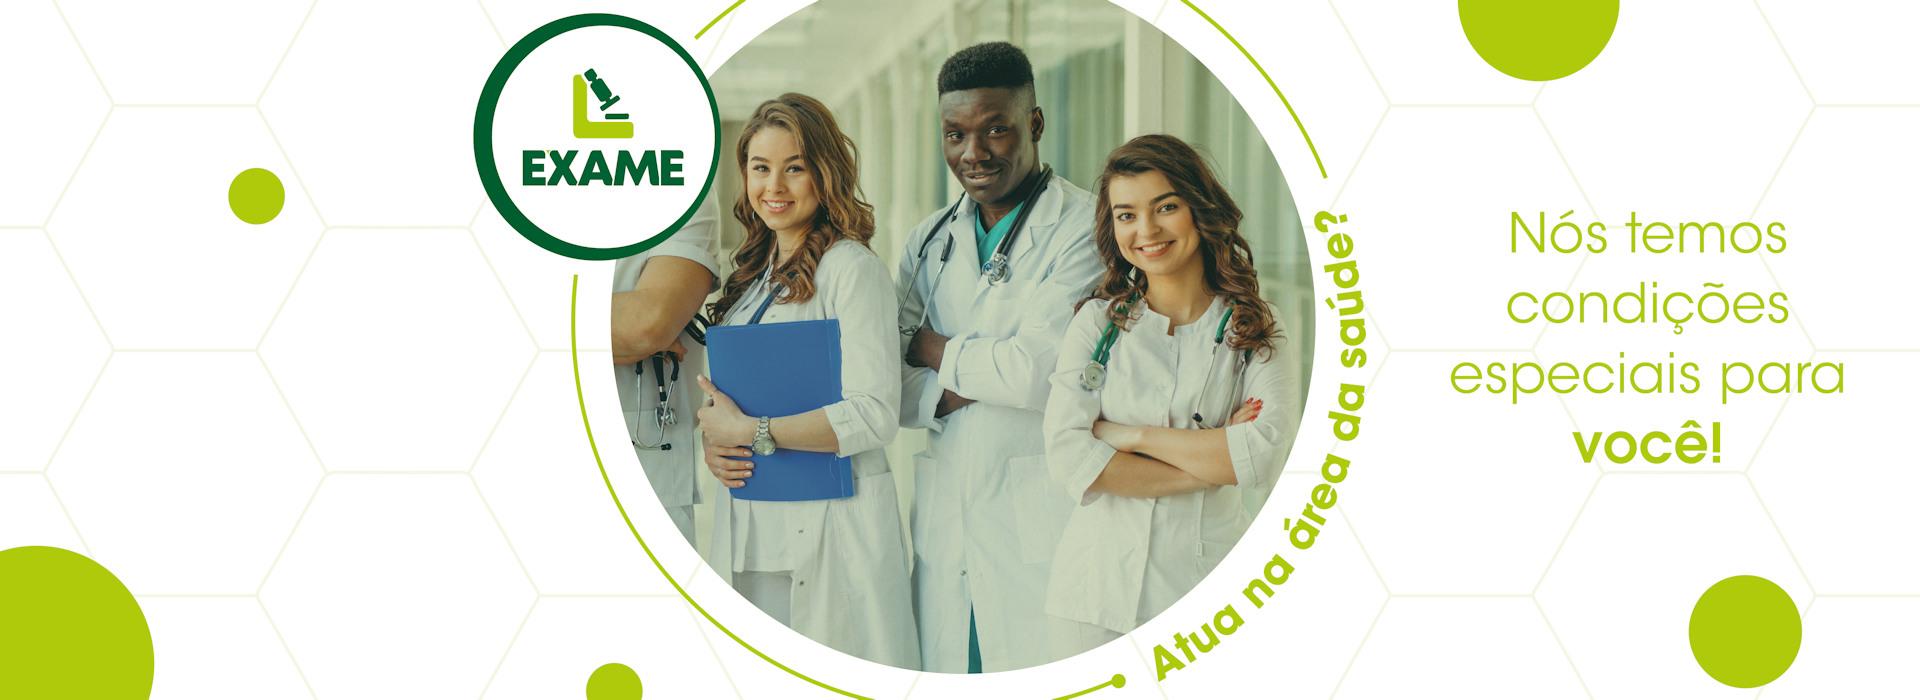 11-002604-001 Condições Especiais para profissionais da saúde - banner